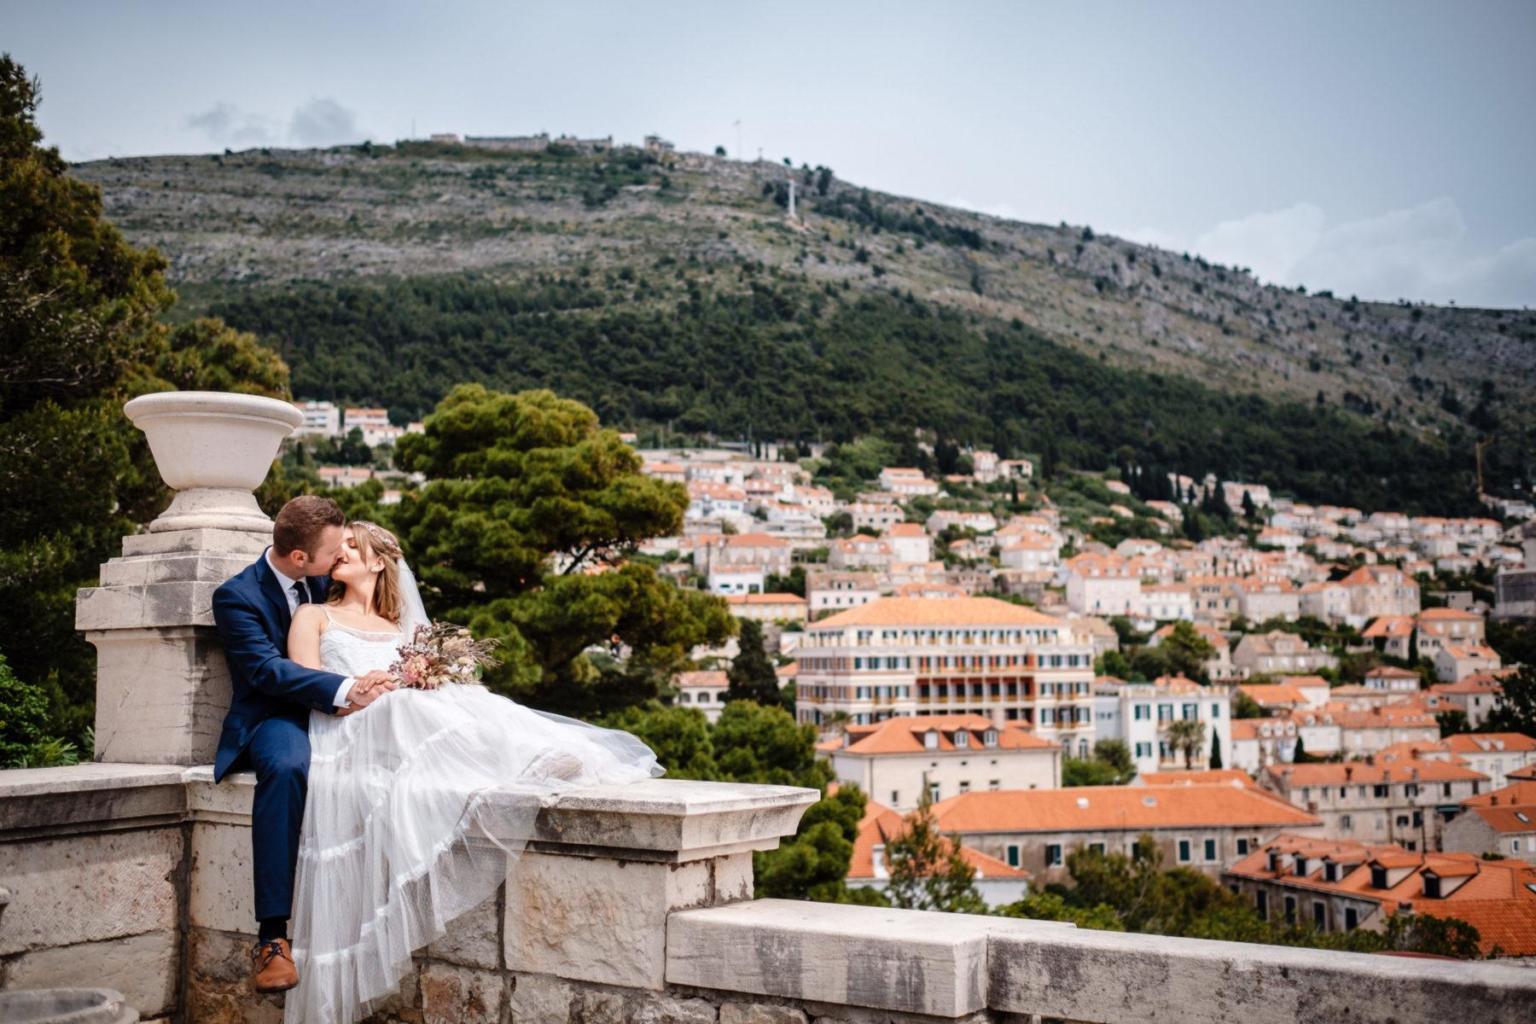 After Wedding Shooting in Kroatien 0086 scaled - Game of Thrones Hochzeit in Kroatien